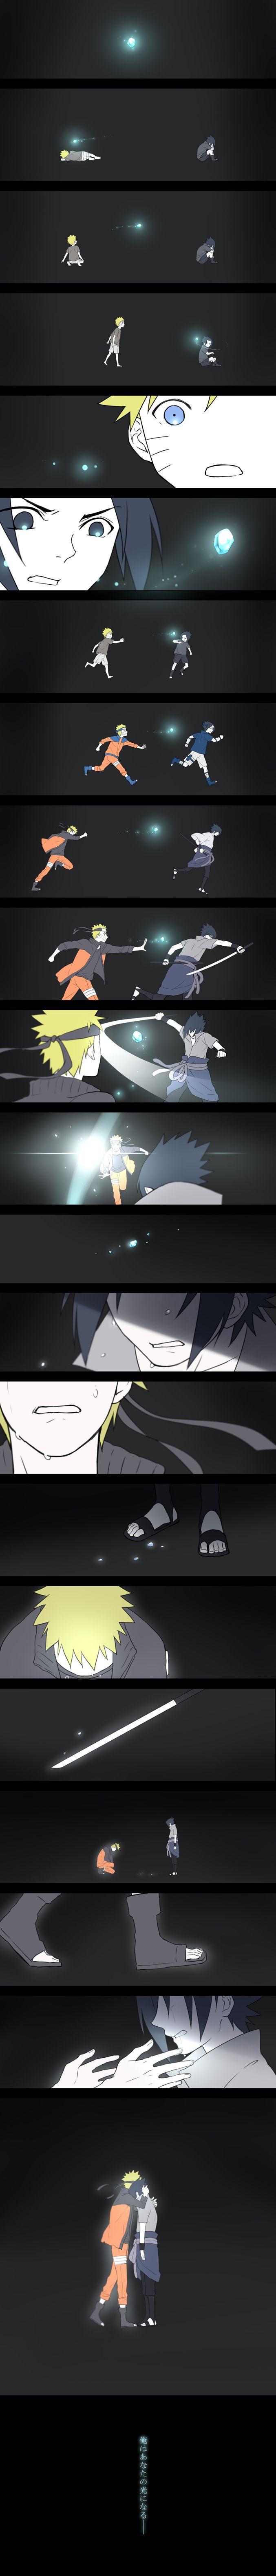 En cierto momento seguí aquella luz brillante, pero después me di cuenta que no era aquella luz sin no él.